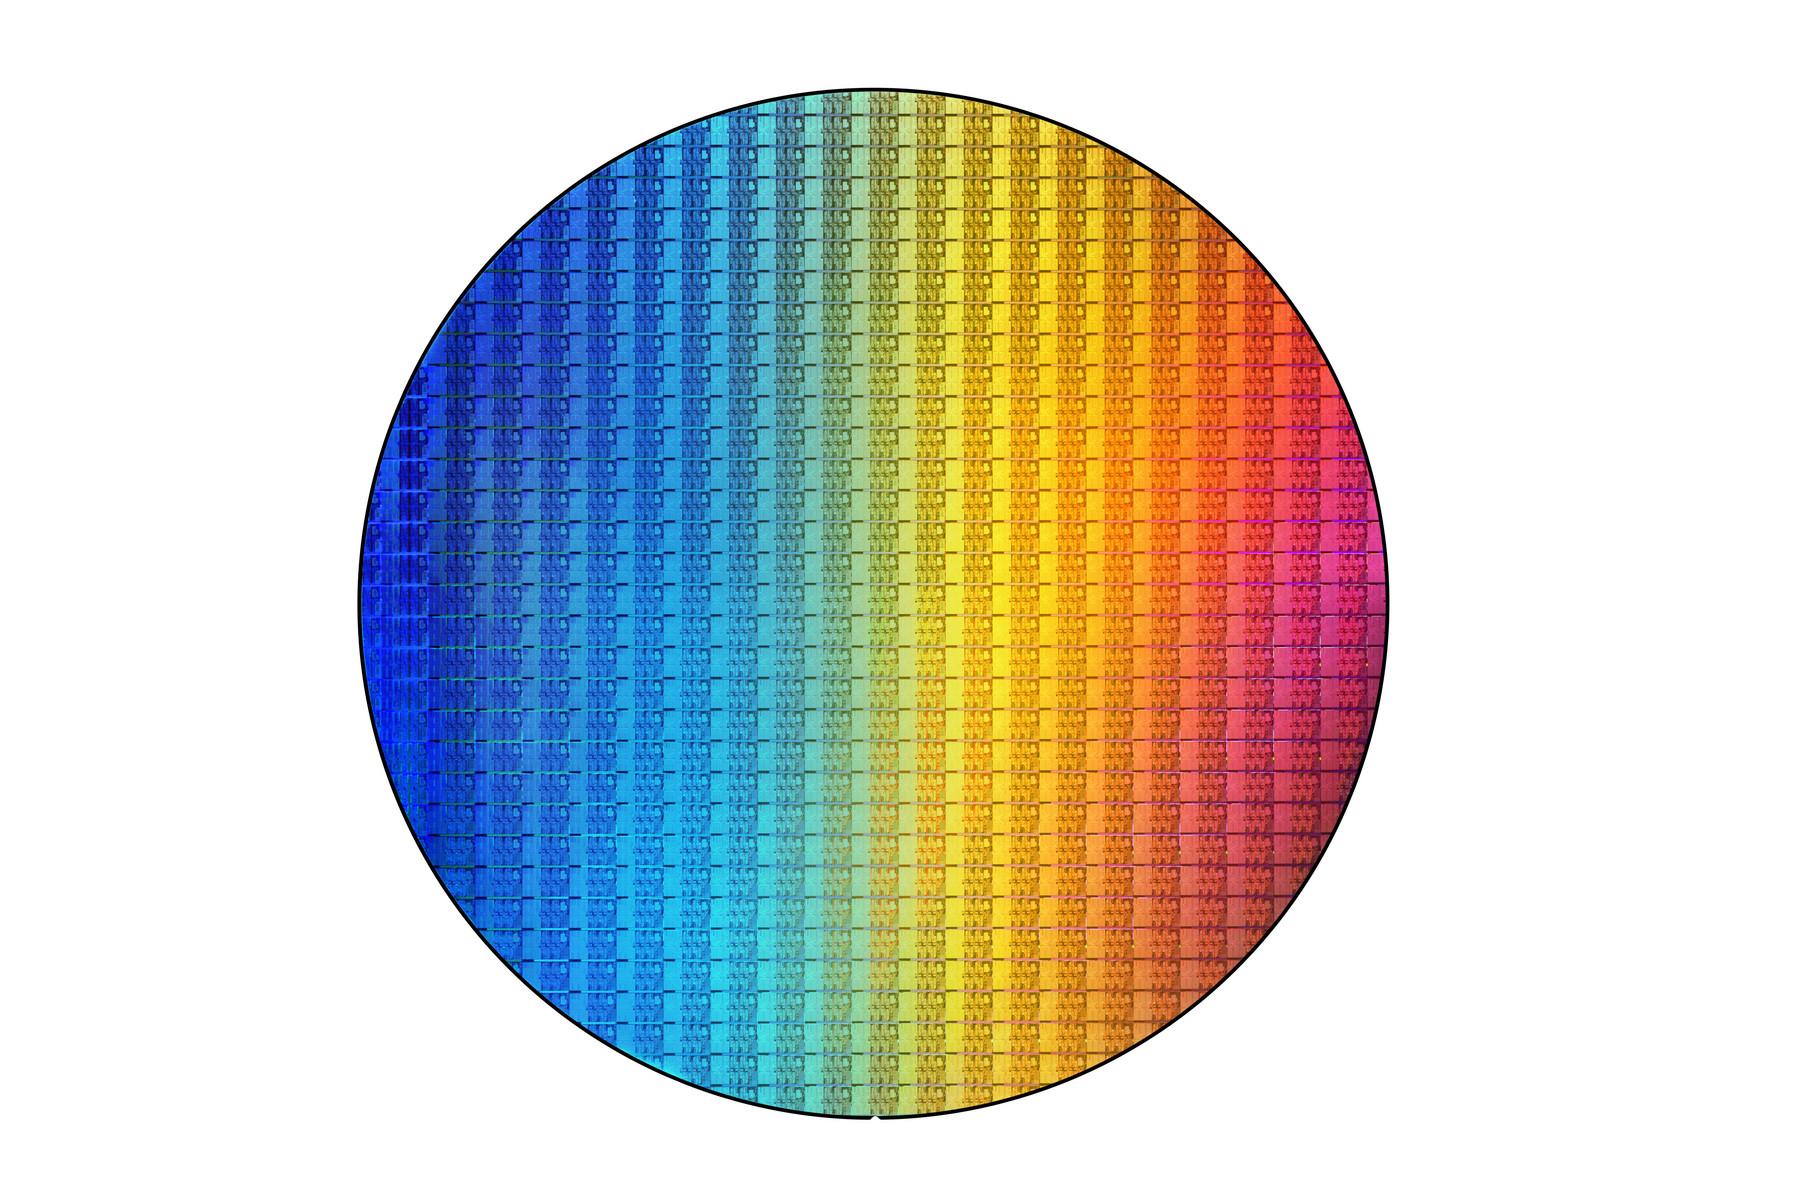 Intel 8. Gen. Kaby Lake-R vs 7. Gen. Kaby Lake Performance ...